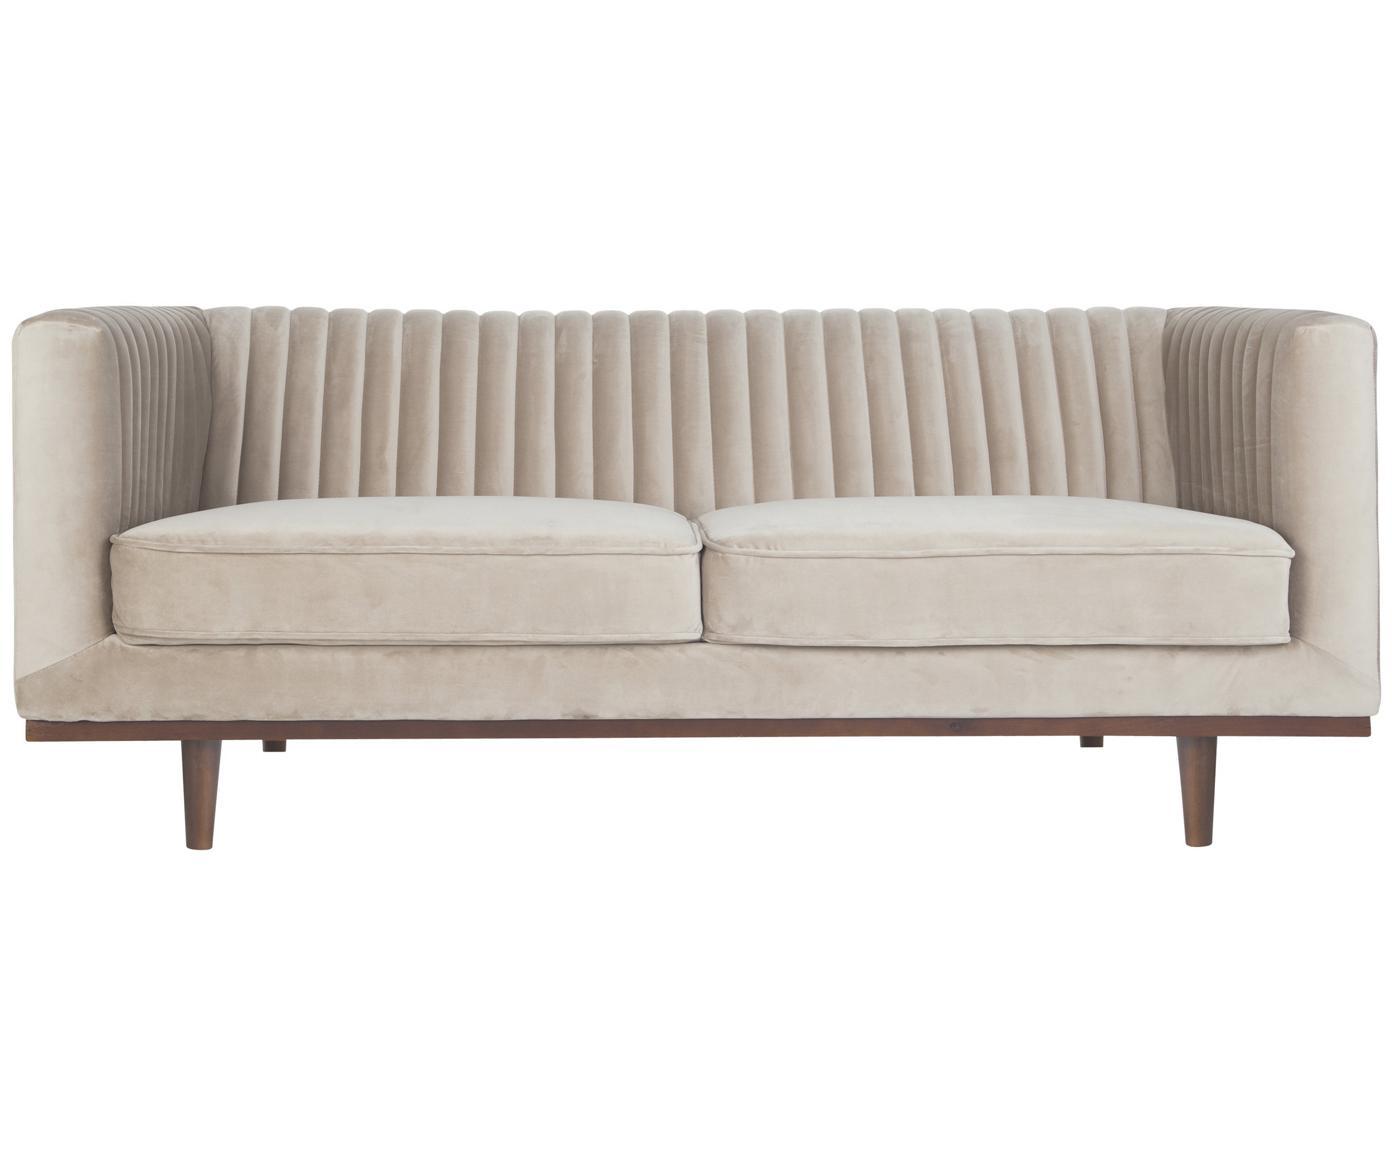 Fluwelen bank Dante (2-zits), Bekleding: polyesterfluweel, Frame: gelakt rubberhout, Beige, B 174 x D 87 cm